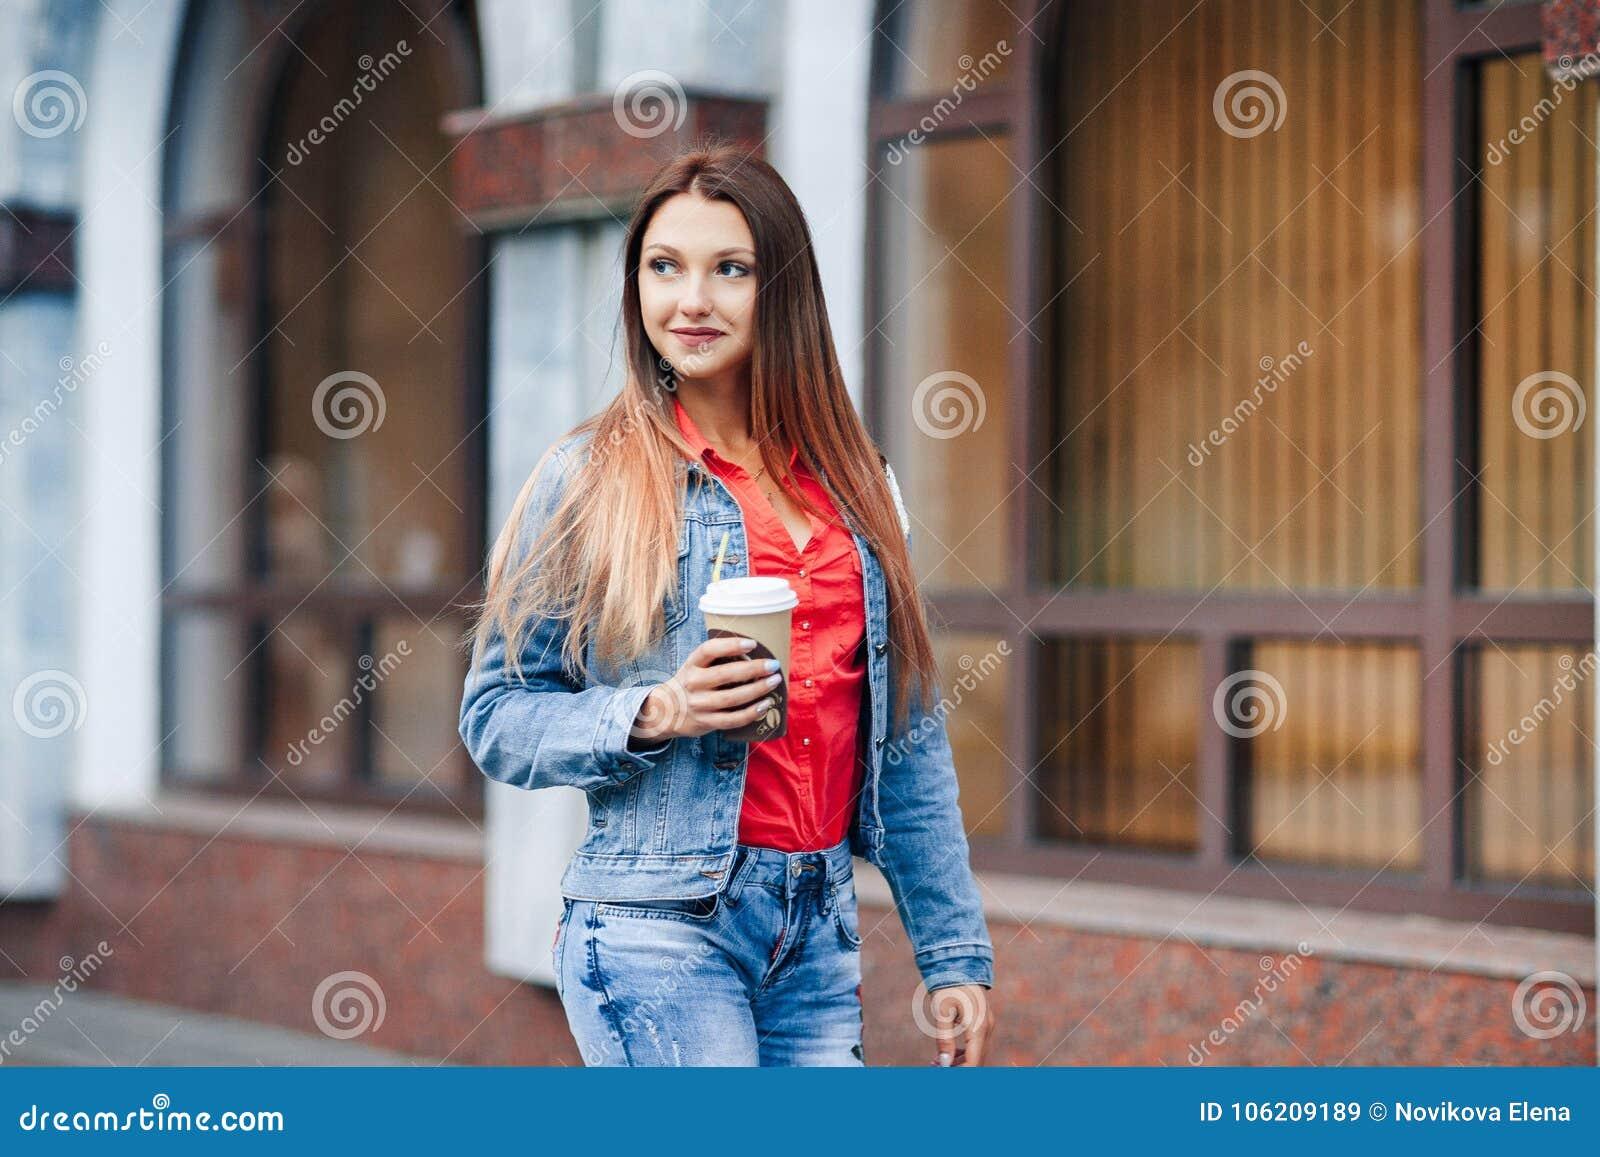 Ritratto di giovane donna alla moda felice in blue jeans e camicia rossa che cammina nel centro urbano e nel caffè bevente